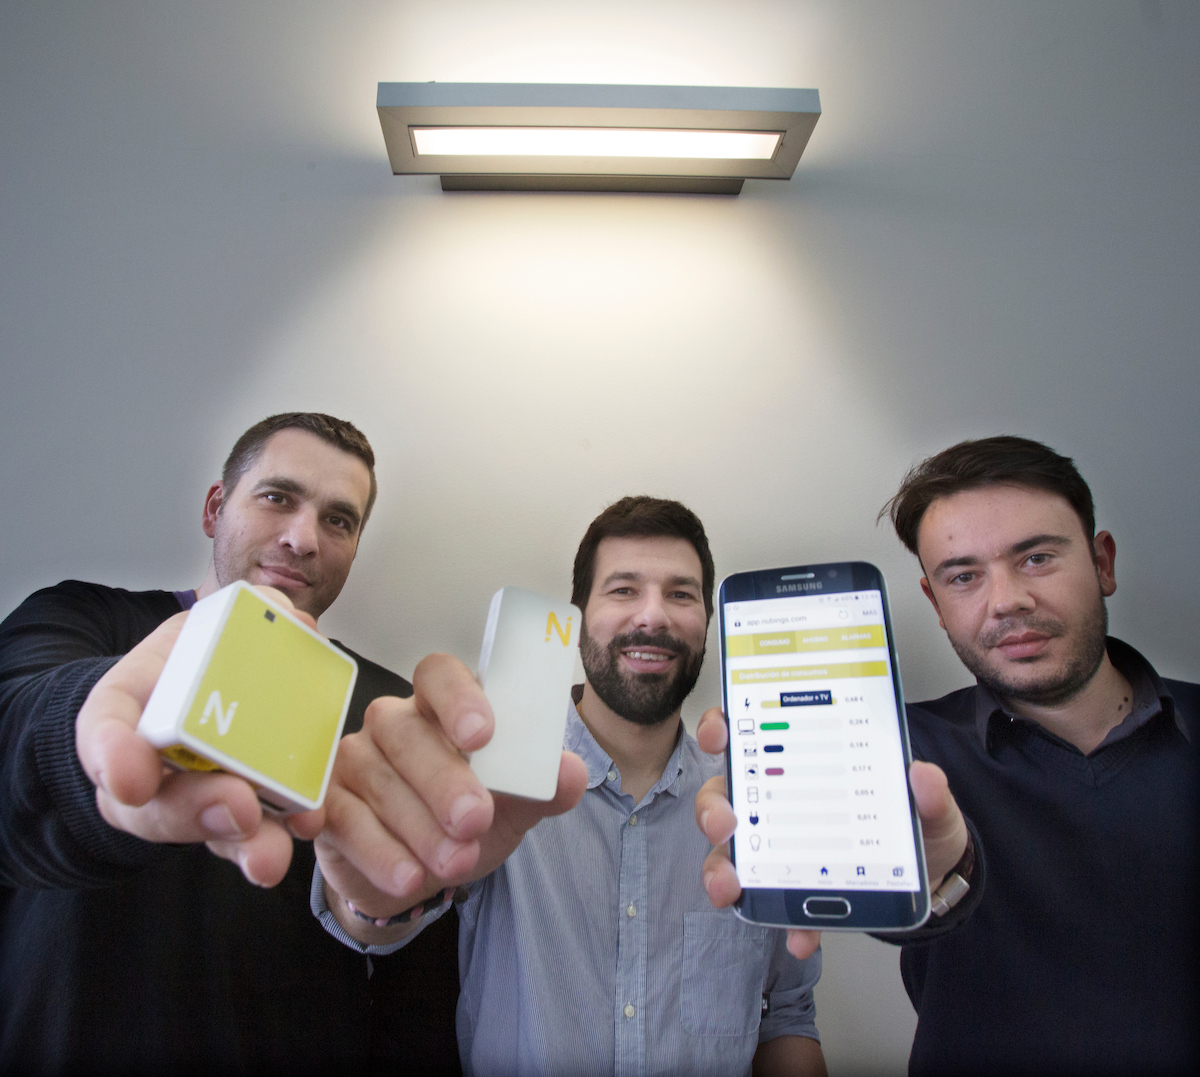 Enrique Comesaña, José Rodríguez e Pablo Otero, creadores de NUbINGS.